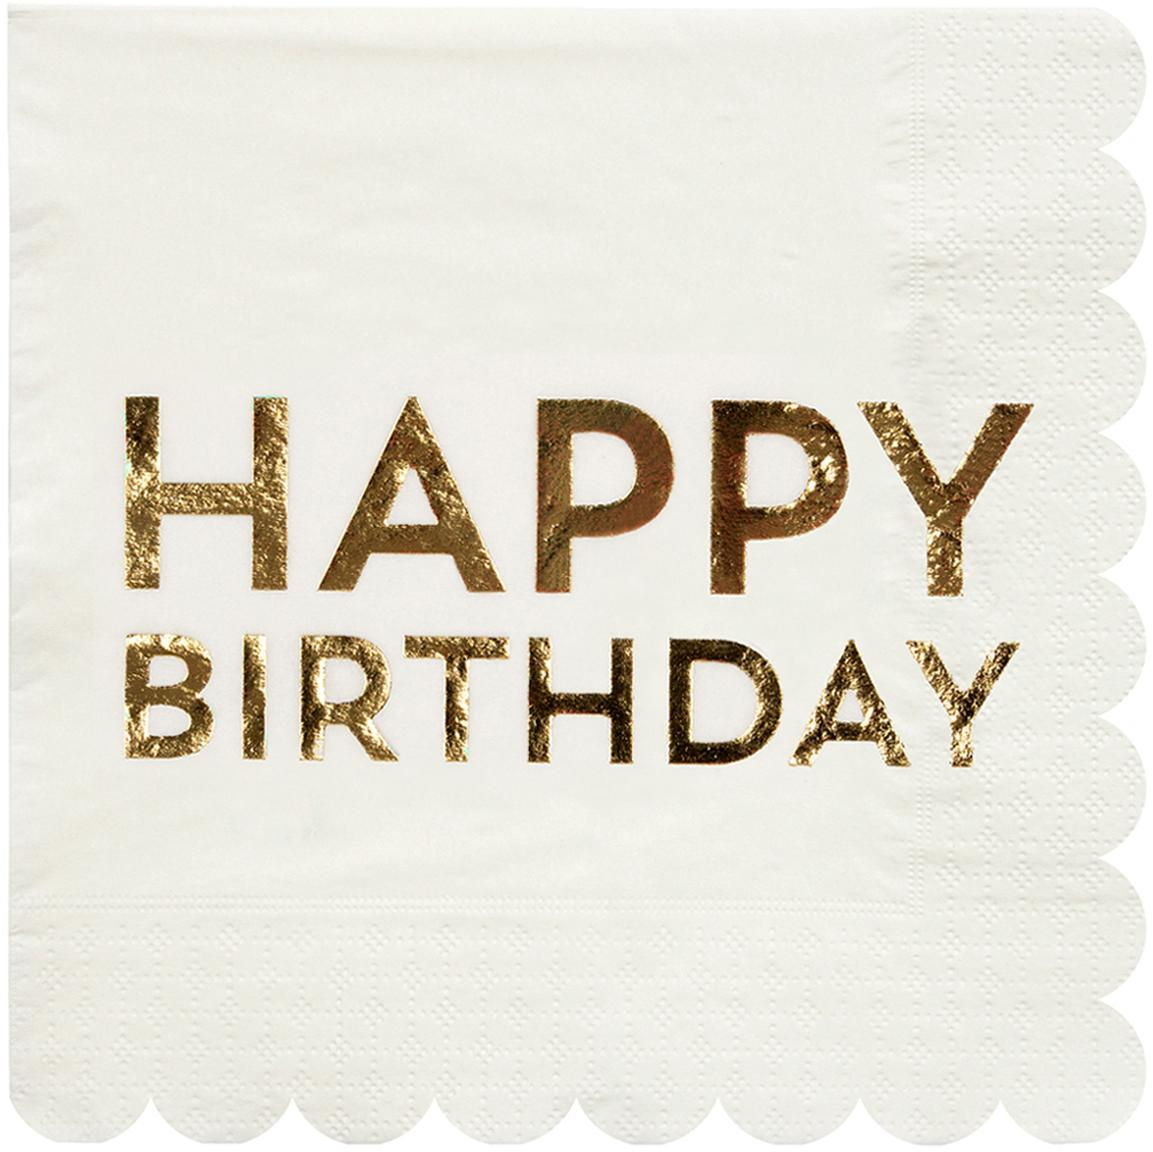 Serwetka z papieru Birthday, 16 szt., Papier, Biały, odcienie złotego, S 33 x D 33 cm